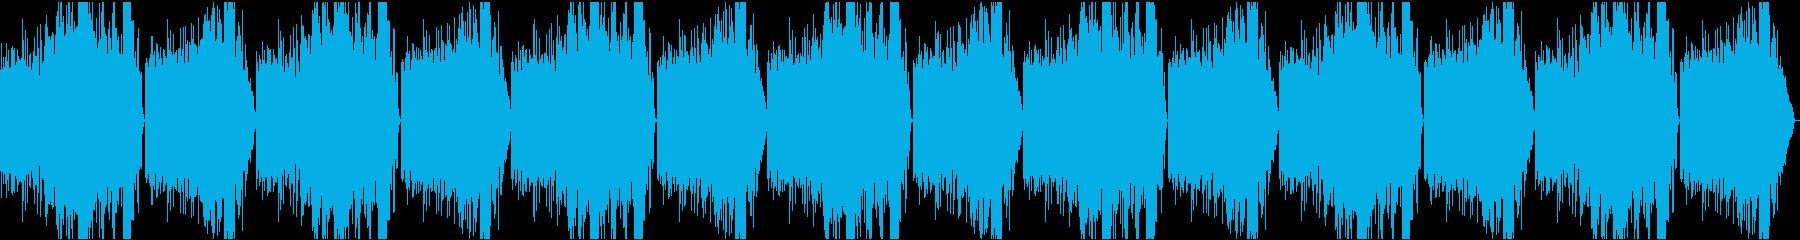 企業VP19 14分バージョンの再生済みの波形